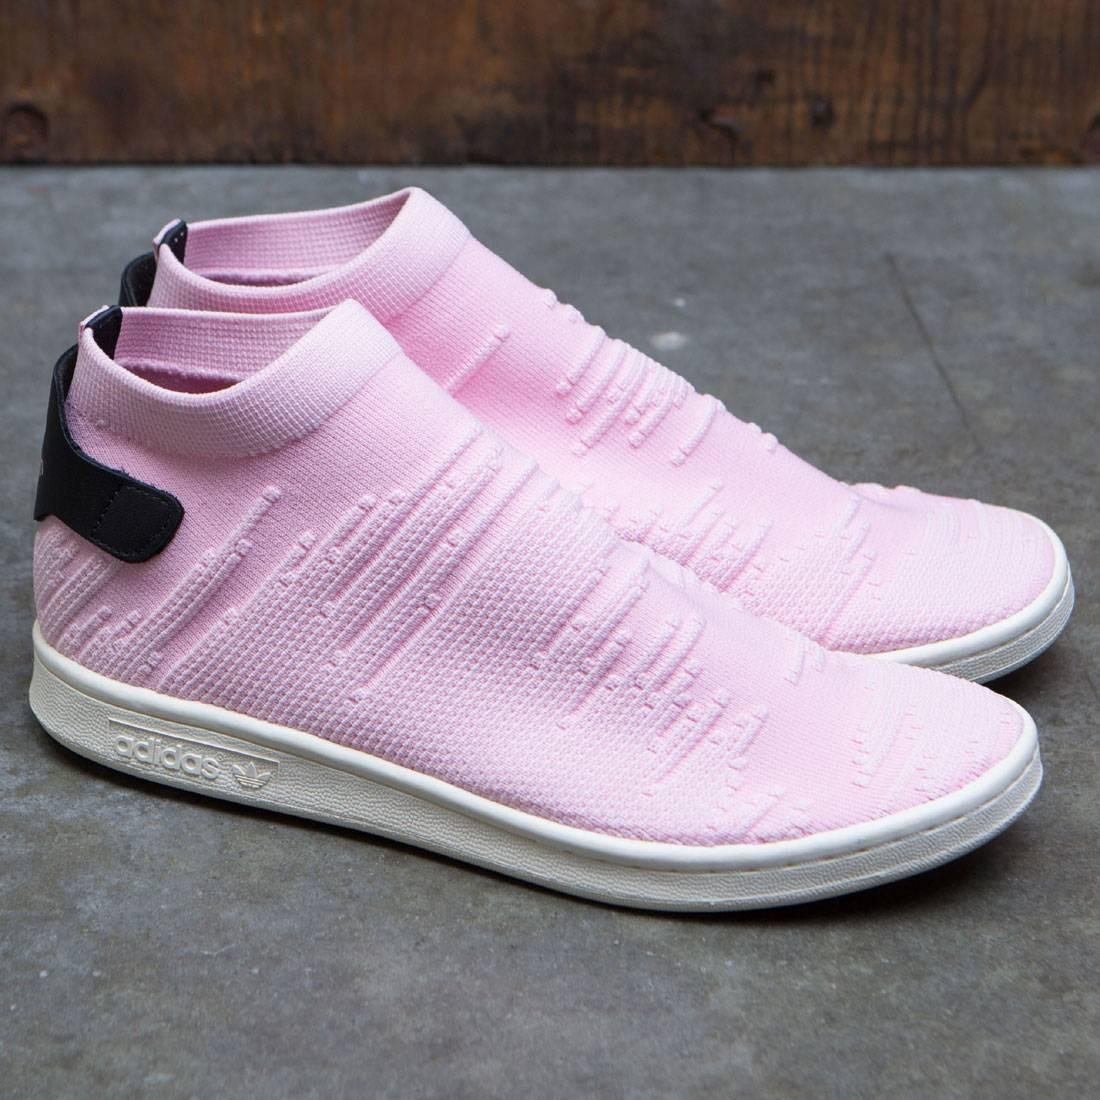 premium selection fd855 03702 Adidas Women Stan Smith Sock Primeknit W (pink / wonder pink / core black)